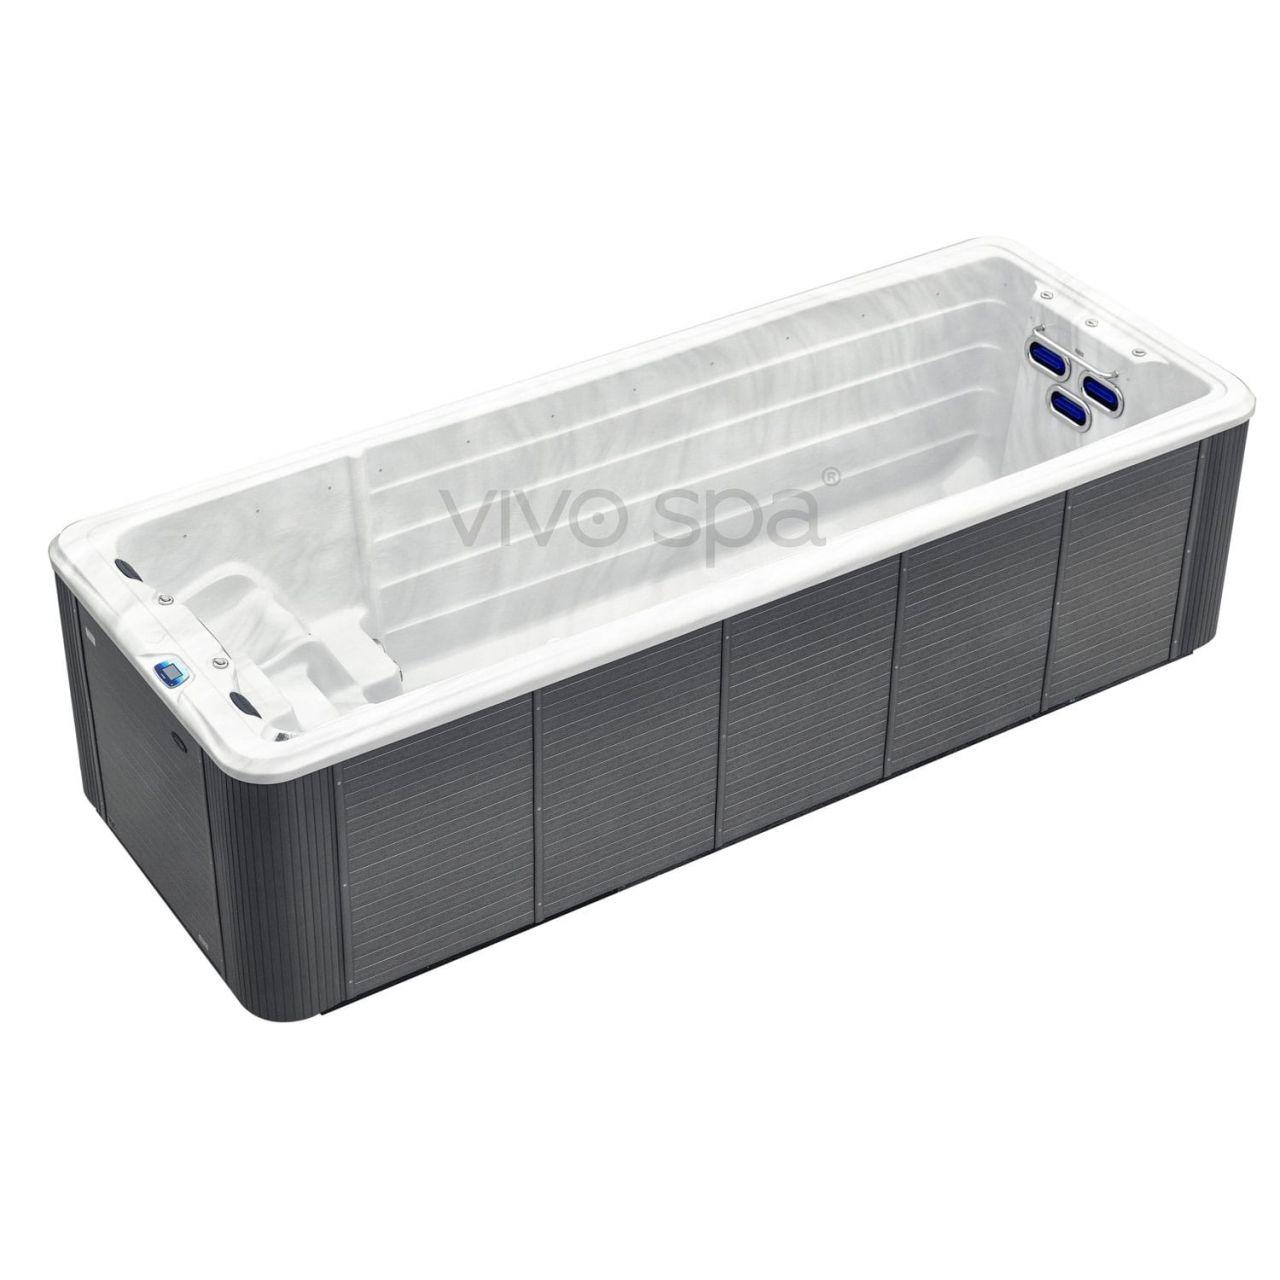 vivo spa waterfit 5